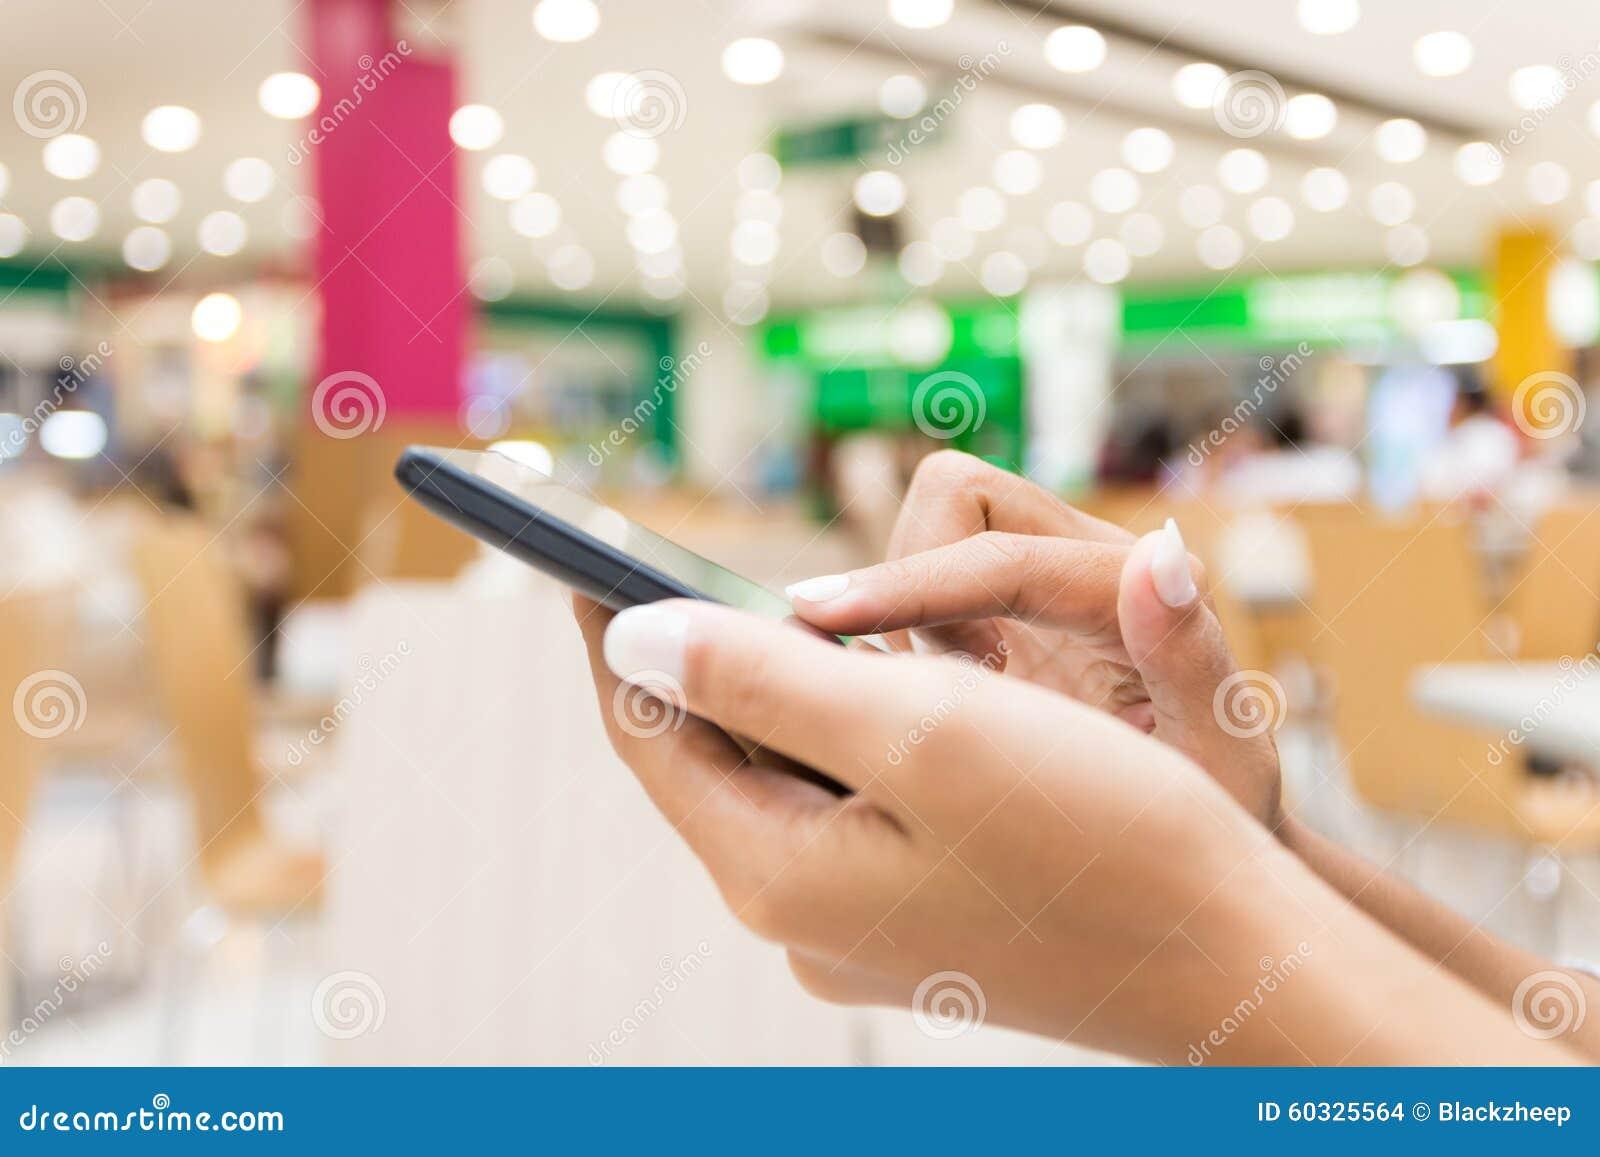 photo stock main de plan rapprochCA utilisant le tCAlCAphone intelligent dans lifesty urbain magasin image